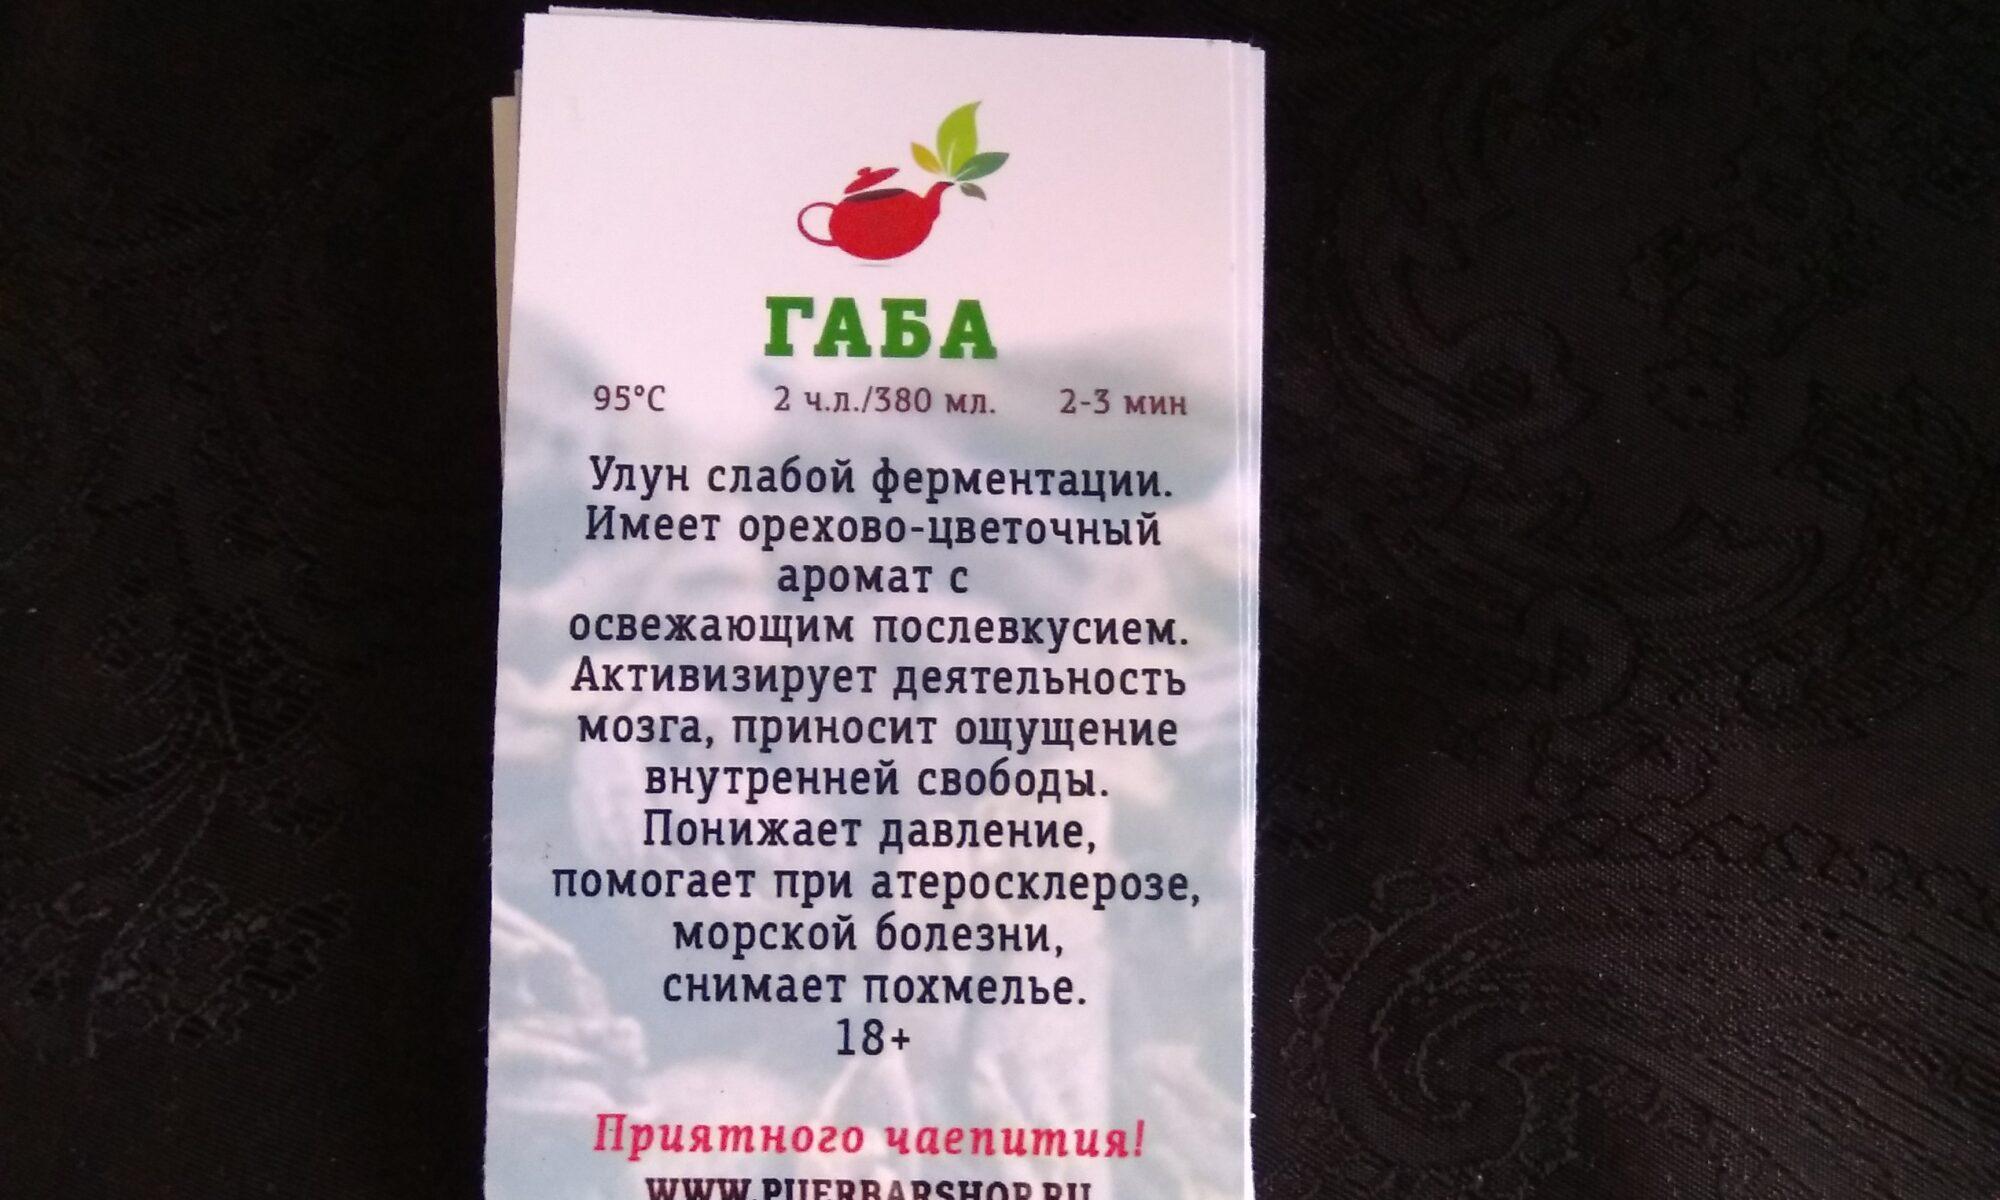 Печать наклеек во Владимире